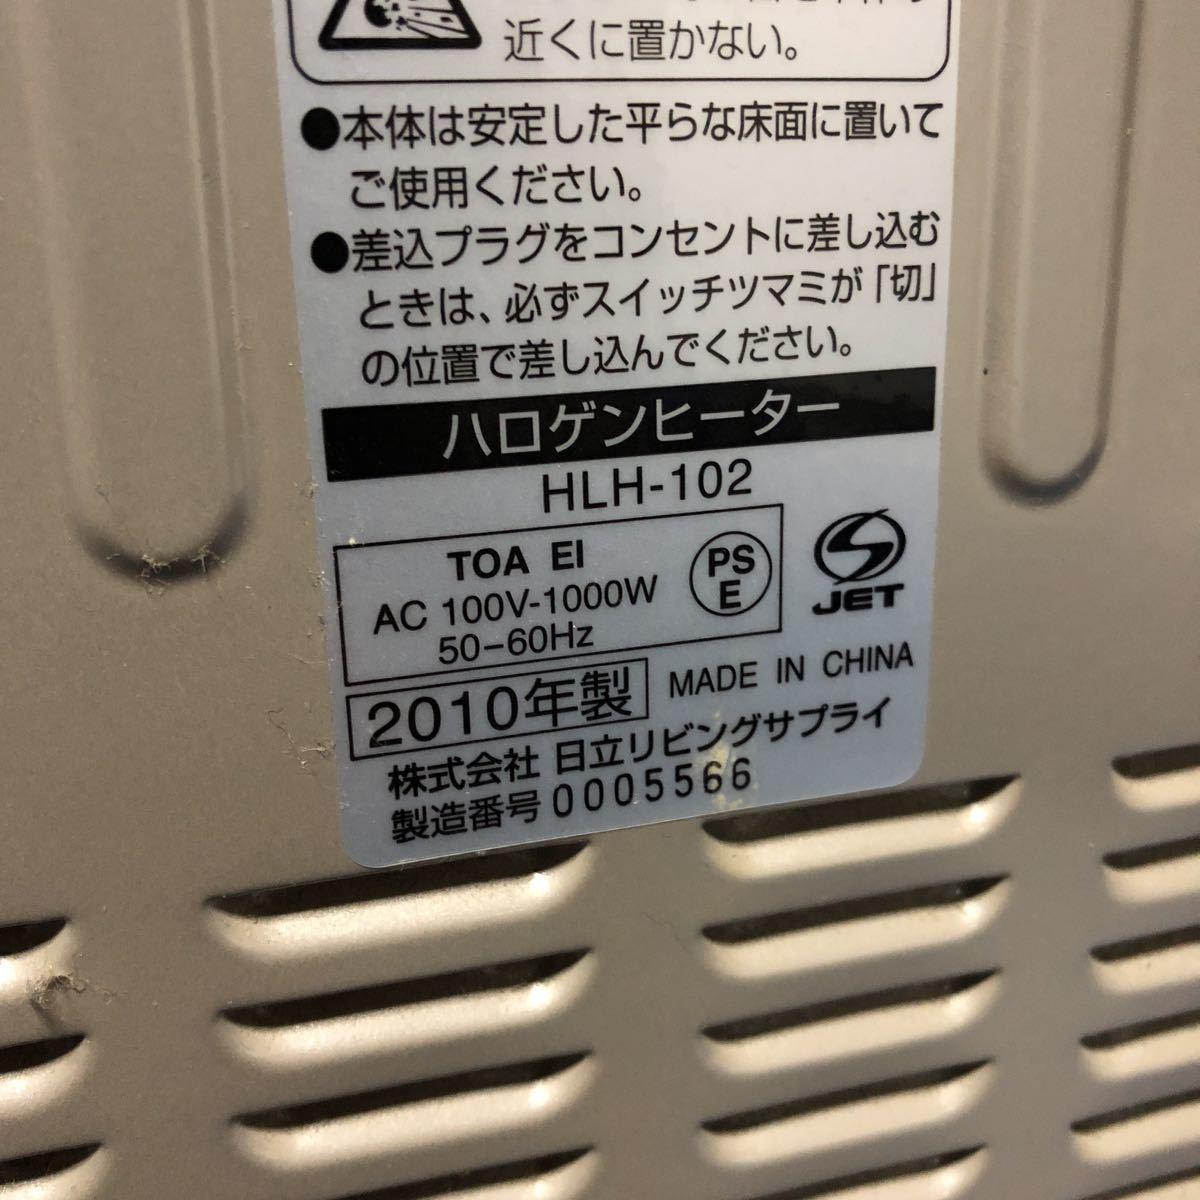 日立リビングサプライ ハロゲンヒーター 2010年式 HLH-102 3段階調節 暖房器具 動作品_画像7